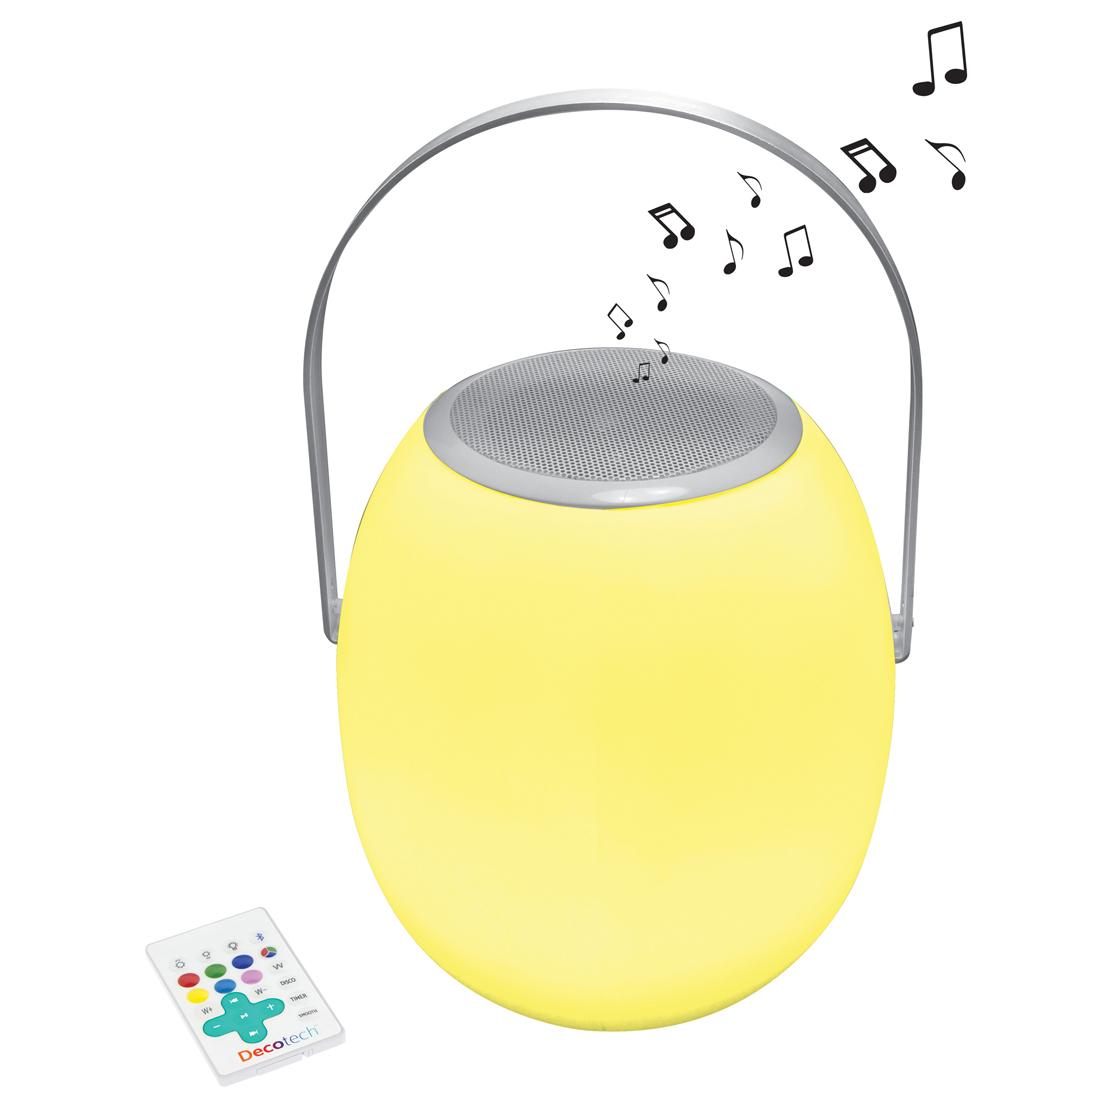 stimmungslampen lautsprecher mit party licht bluetooth farbwechsel eingebaute batterie. Black Bedroom Furniture Sets. Home Design Ideas